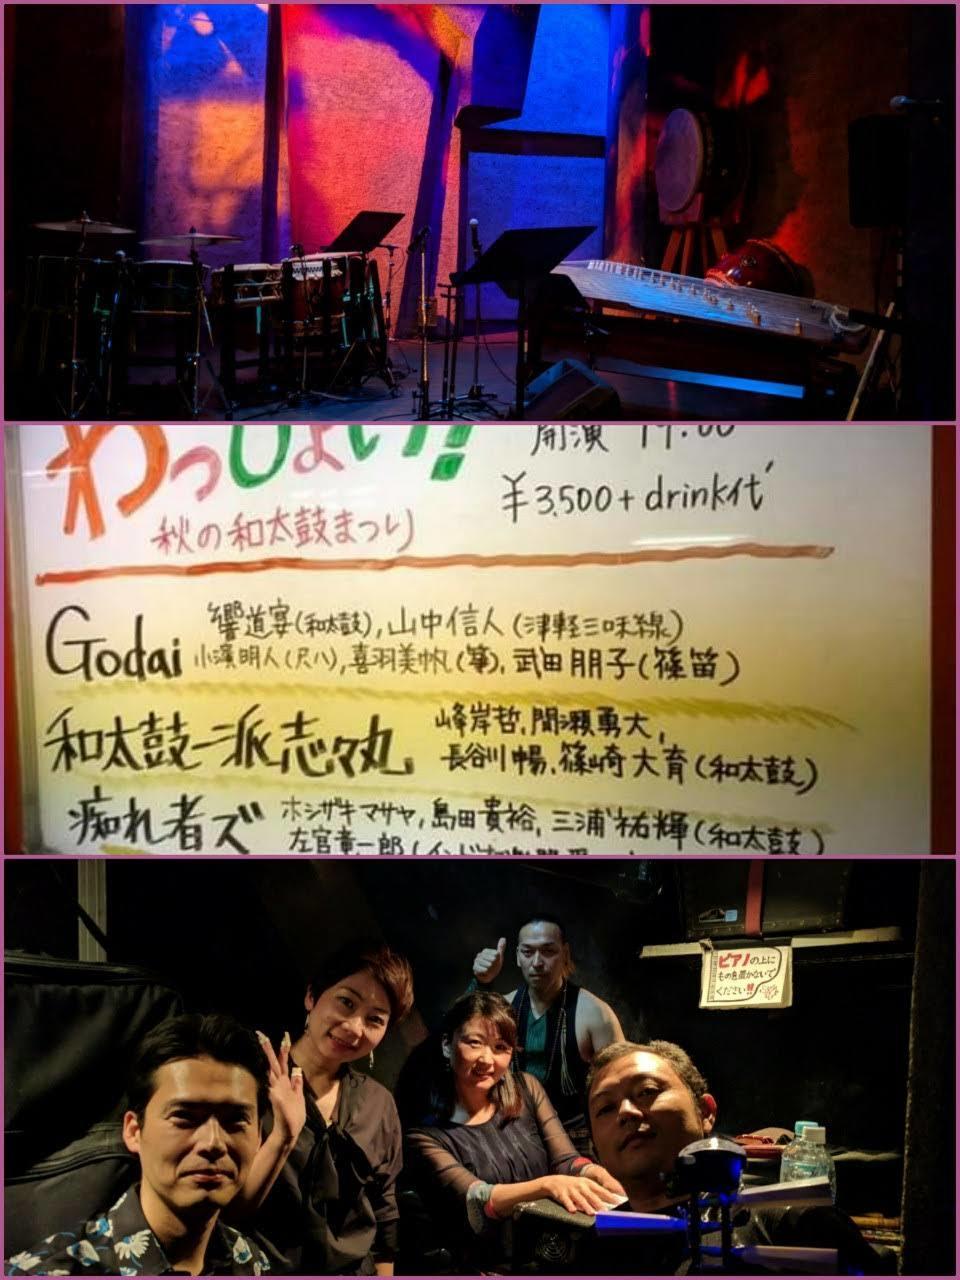 18-11-03-23-20-12-227_deco-960x1280.jpg